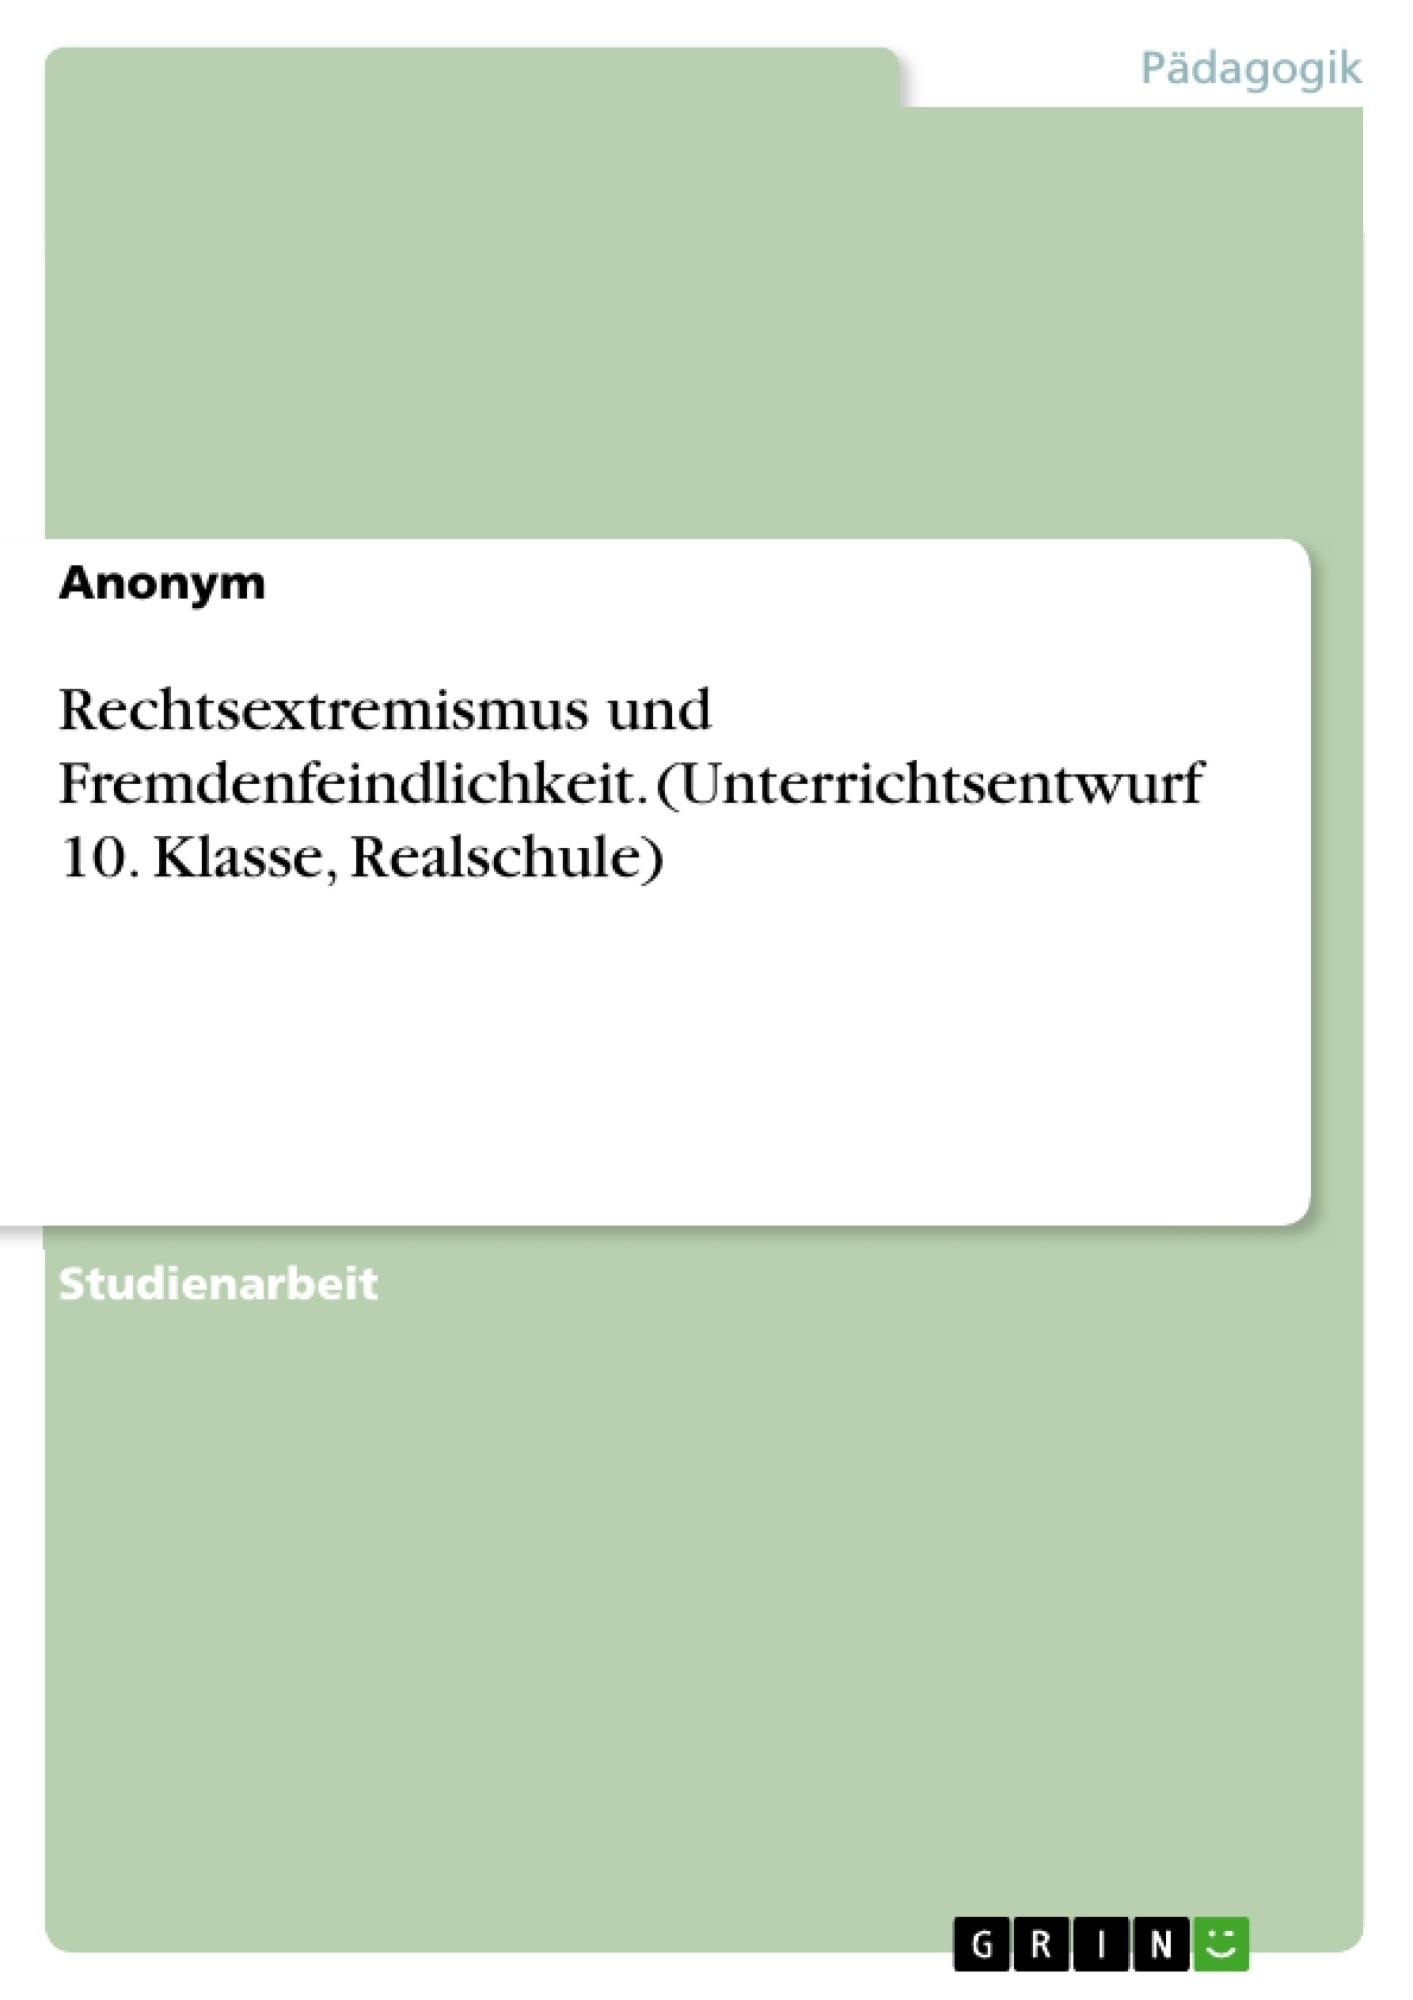 Titel: Rechtsextremismus und Fremdenfeindlichkeit. (Unterrichtsentwurf 10. Klasse, Realschule)